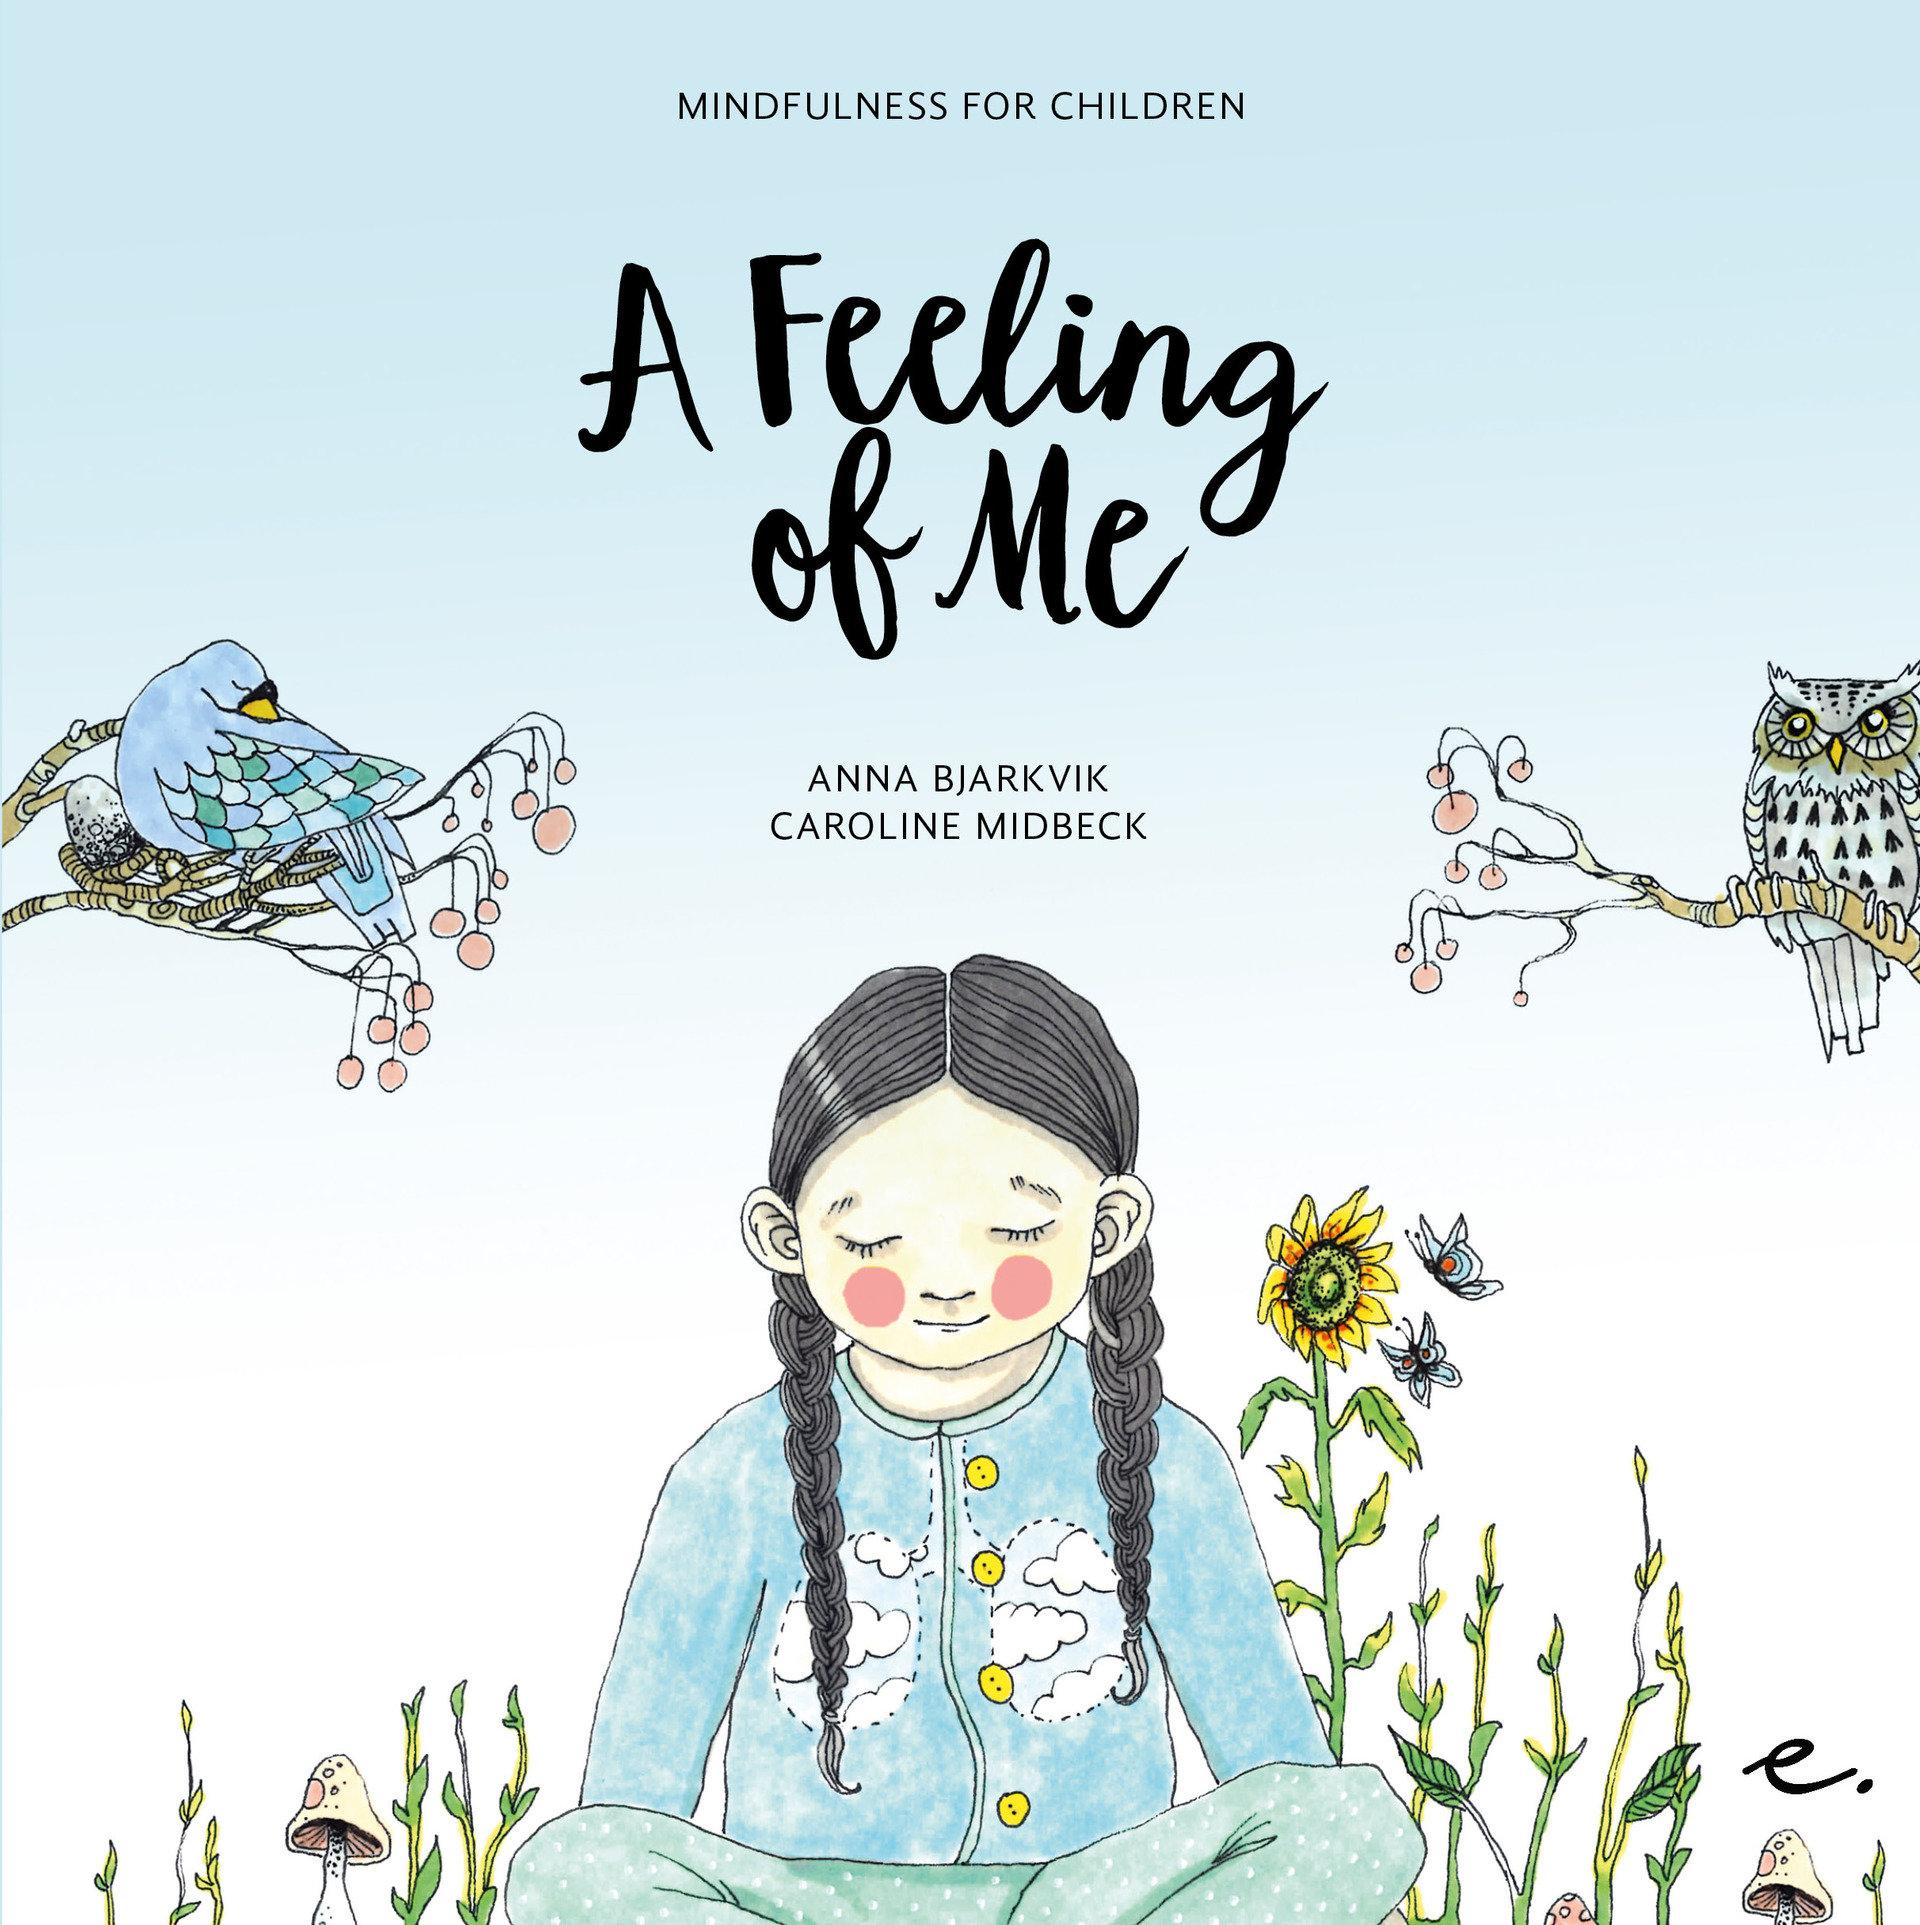 Efter succé på svenska - Bok om mindfulness för barn blir internationell